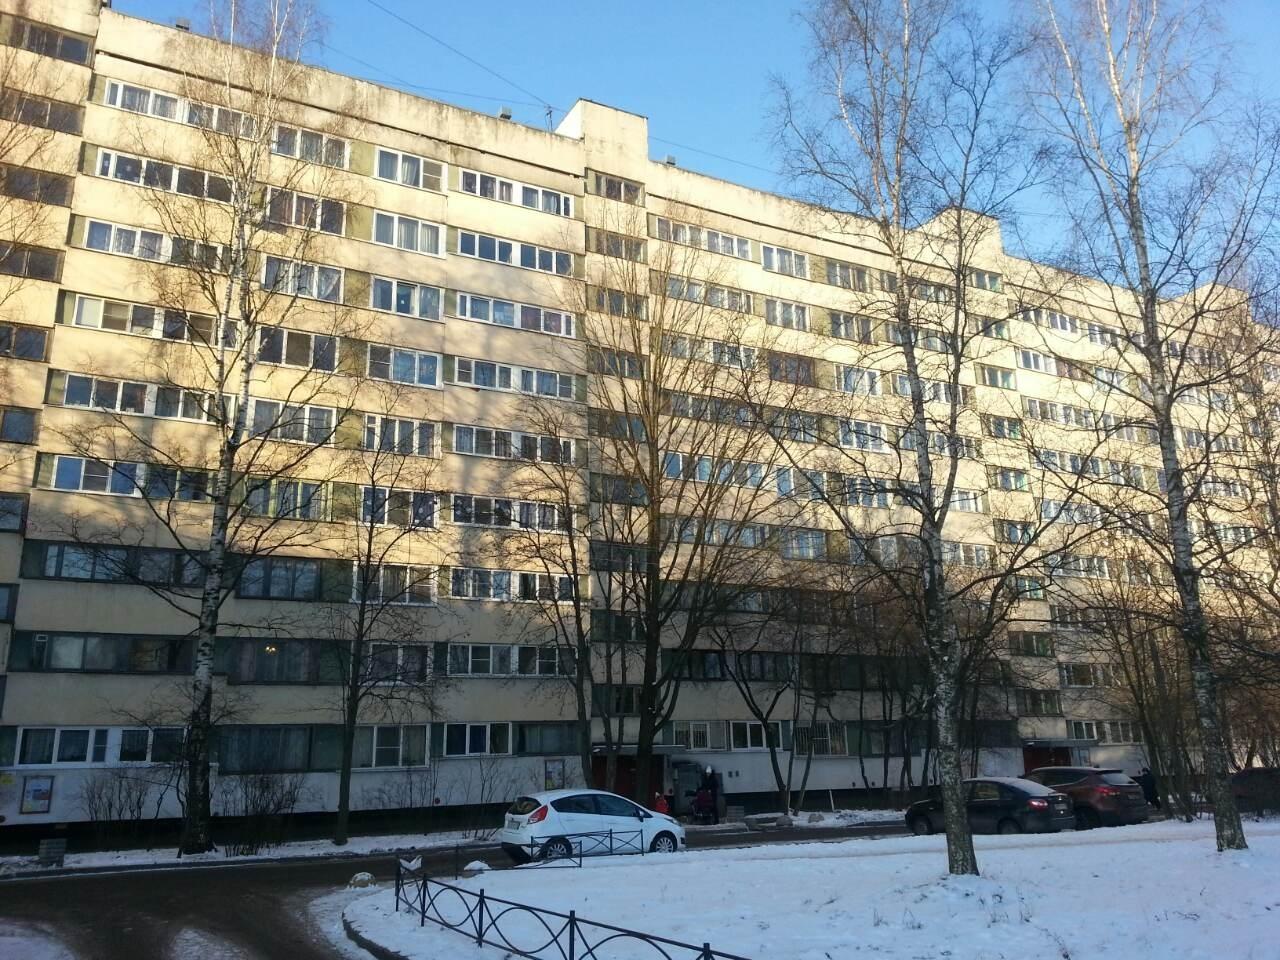 http://advocat-n.pro.bkn.ru/images/s_big/56d6e062-fb9b-11e7-b300-448a5bd44c07.jpg